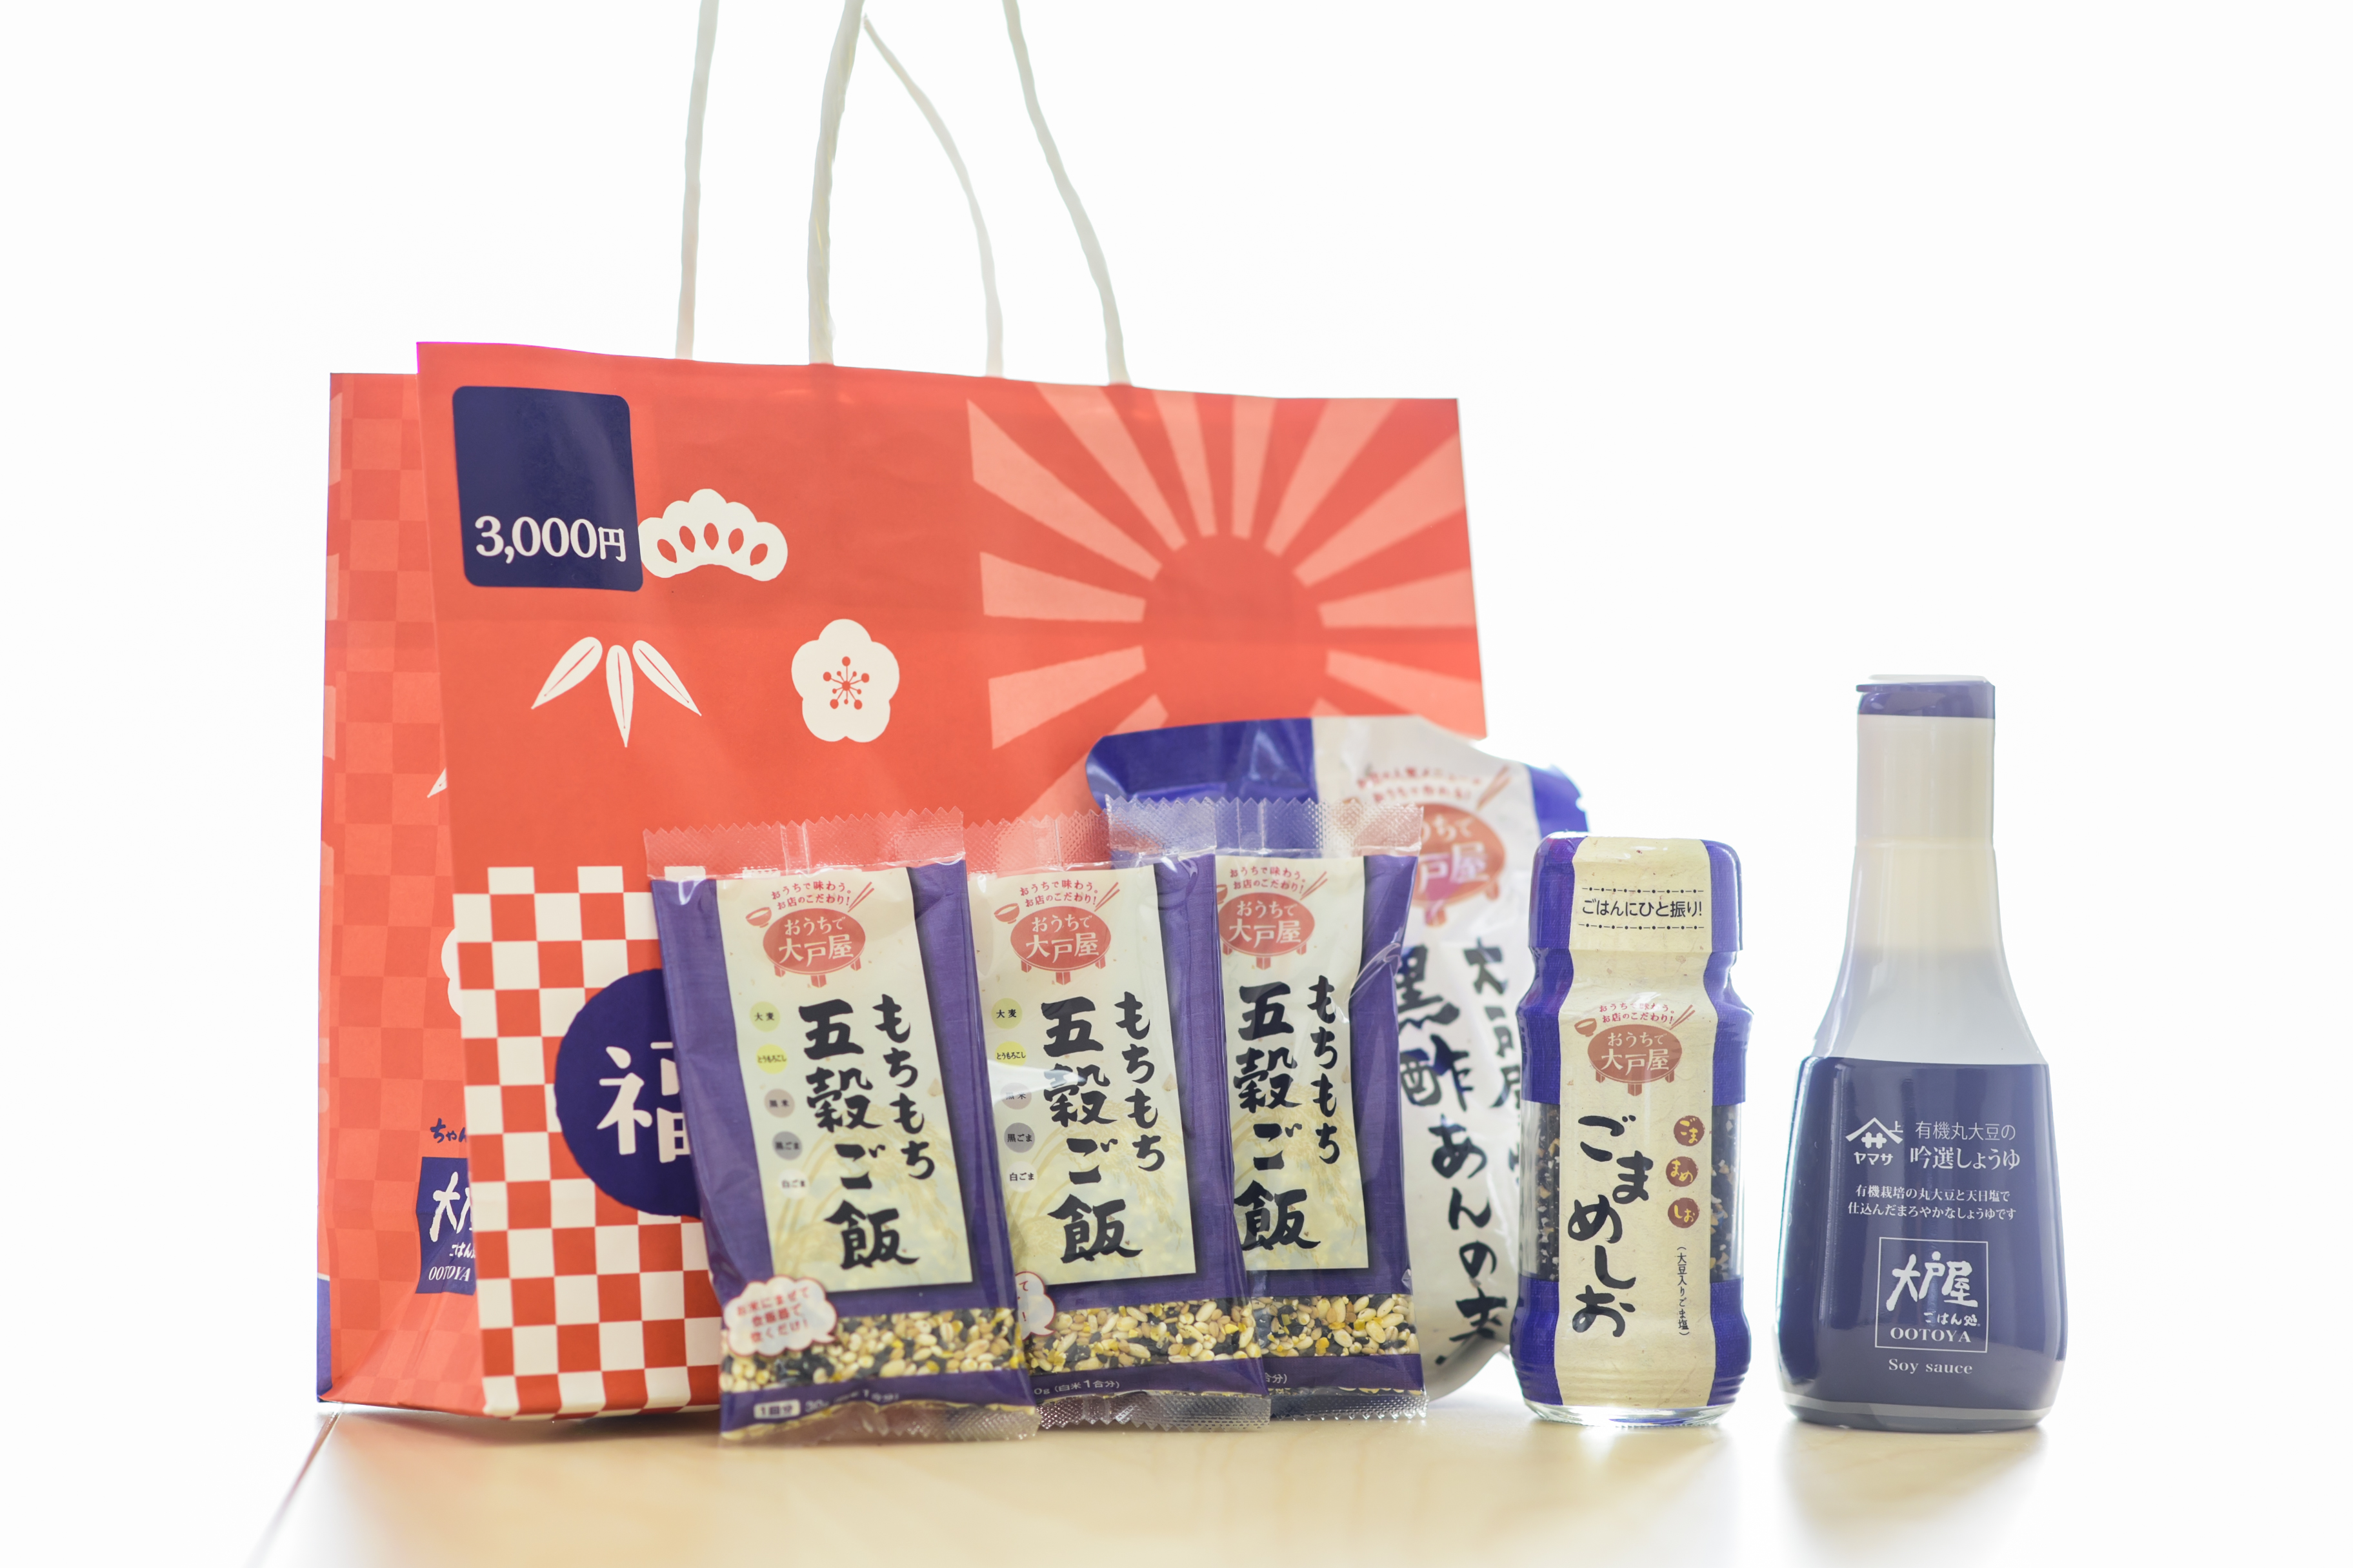 2018年の大戸屋の福袋 3000円はお得かどうか?吟選醤油、ごまめしお、五穀ご飯など